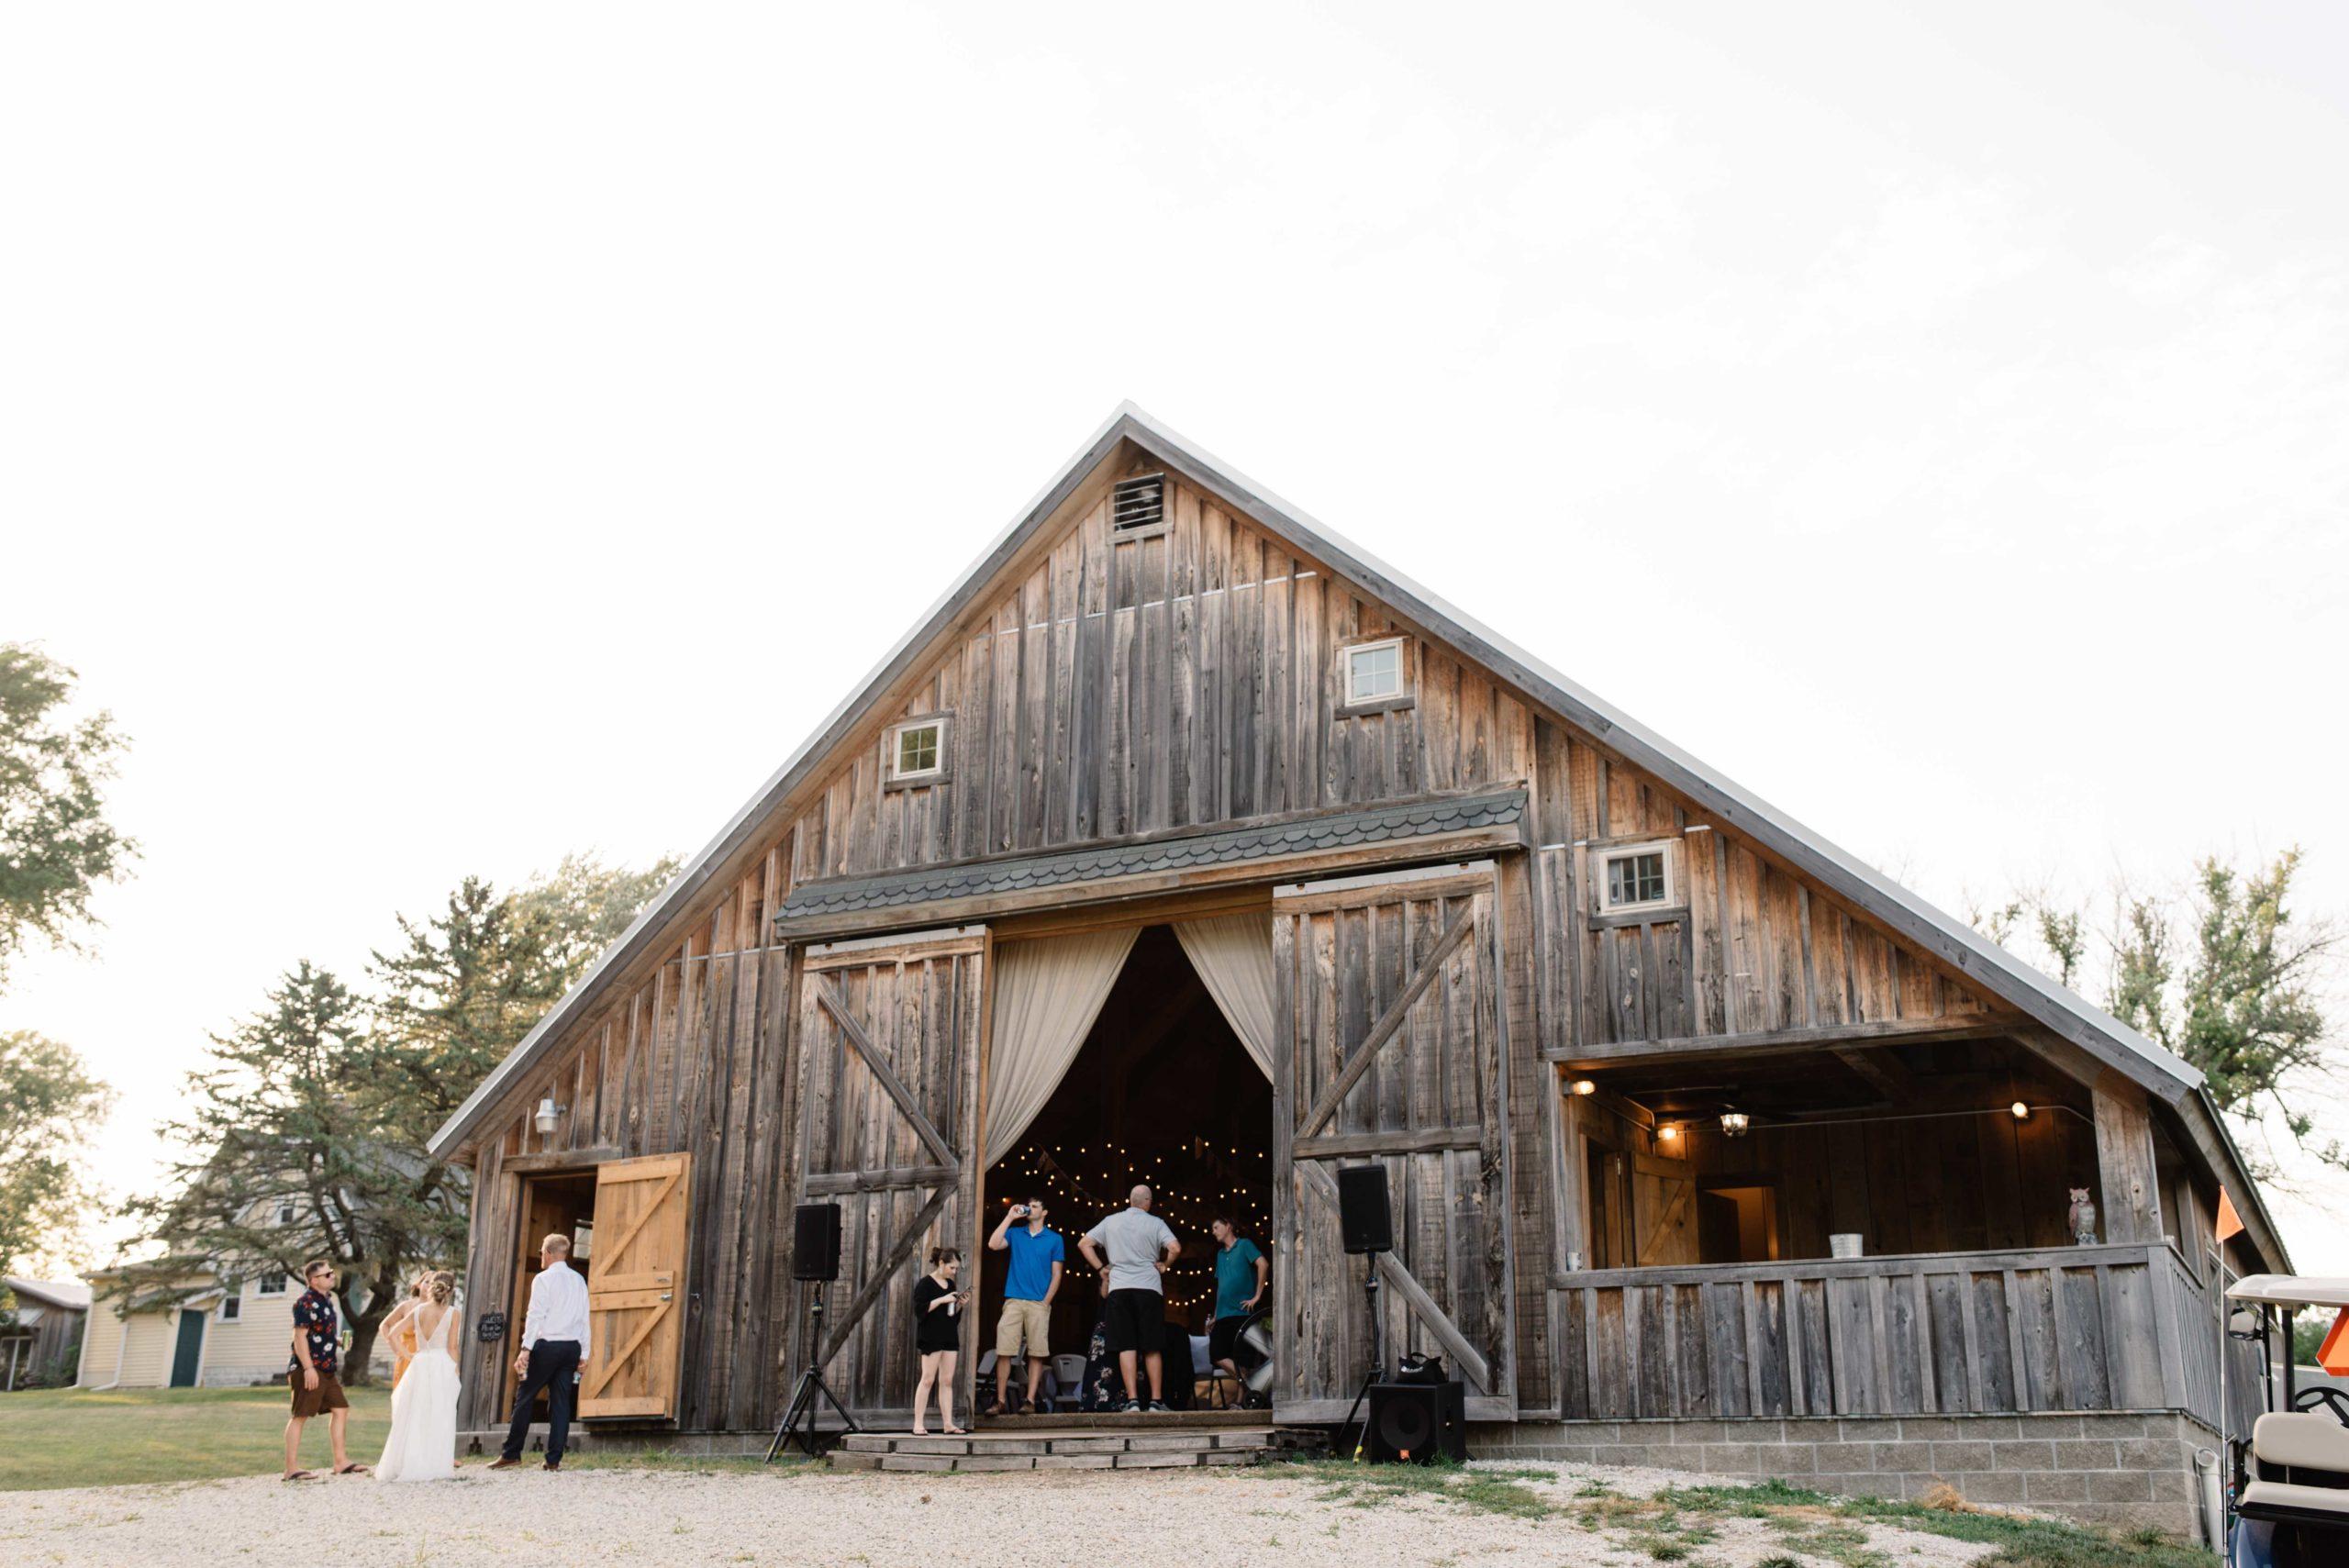 schafer century barn wedding venue